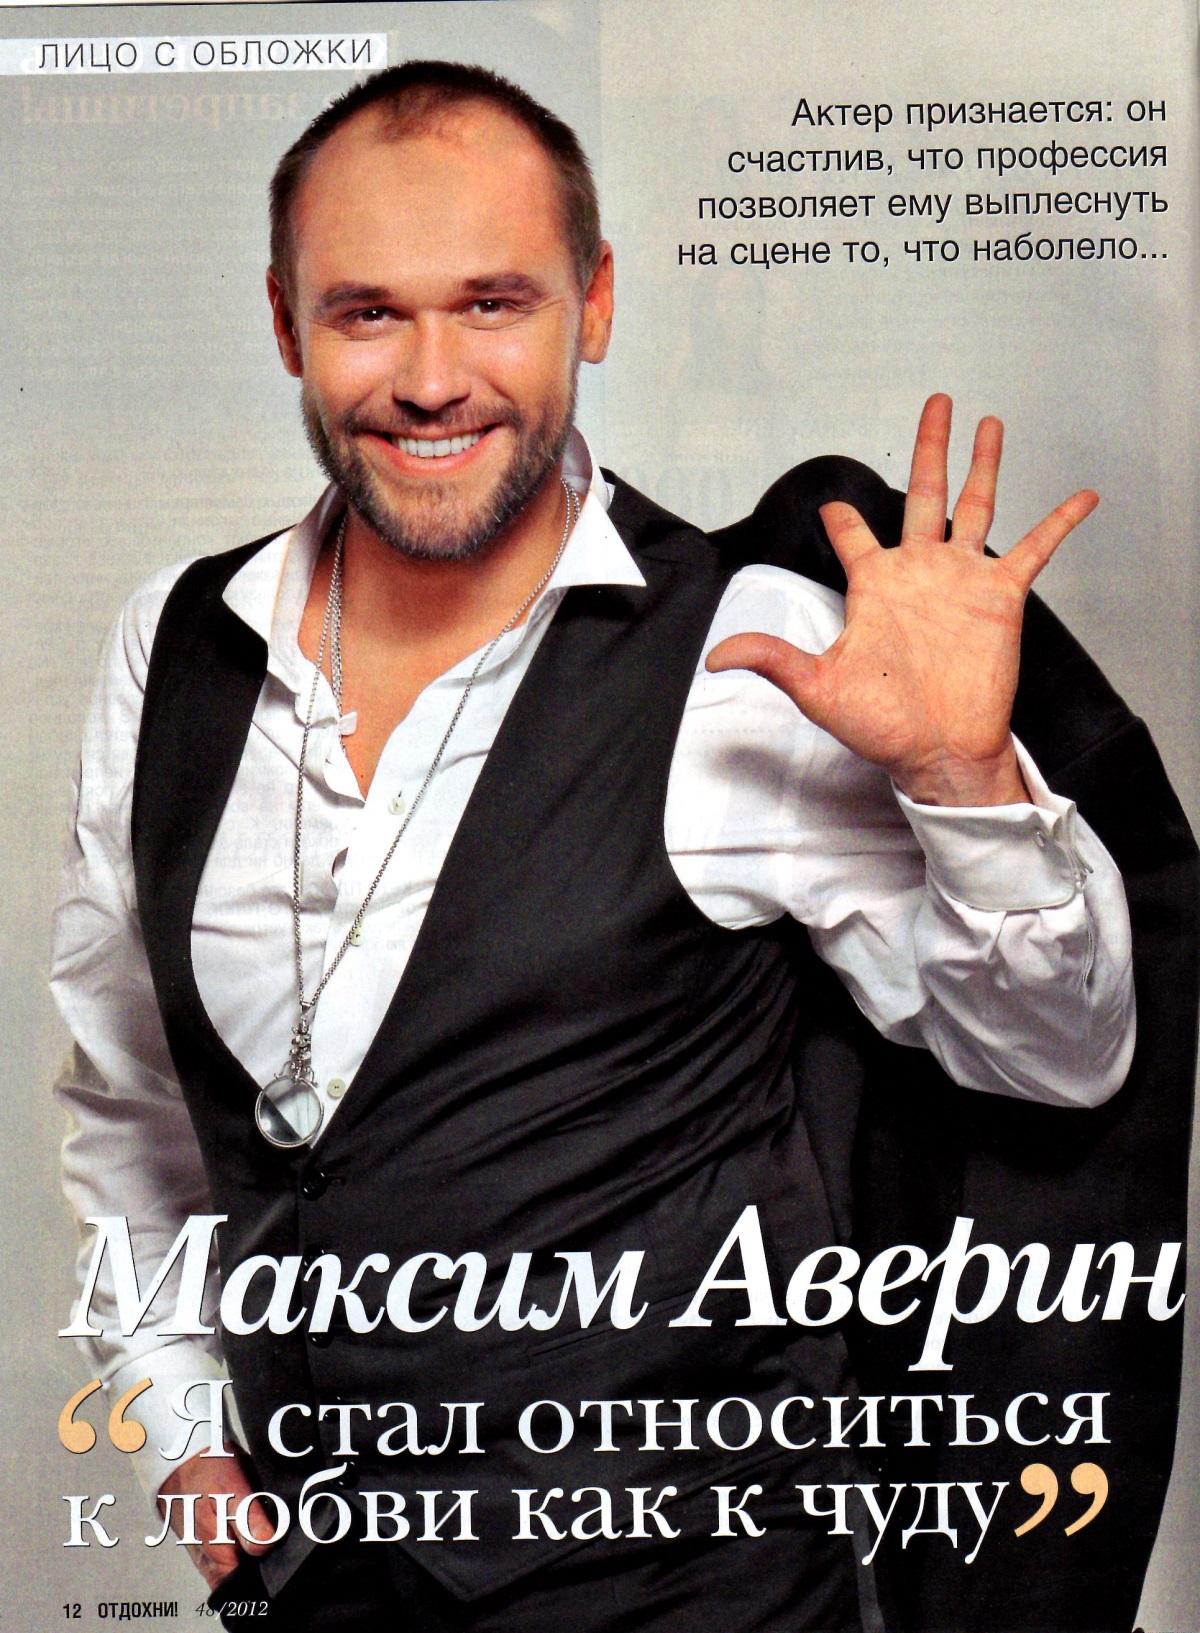 Максим Аверин фото, биография, личная жизнь Максима Аверина